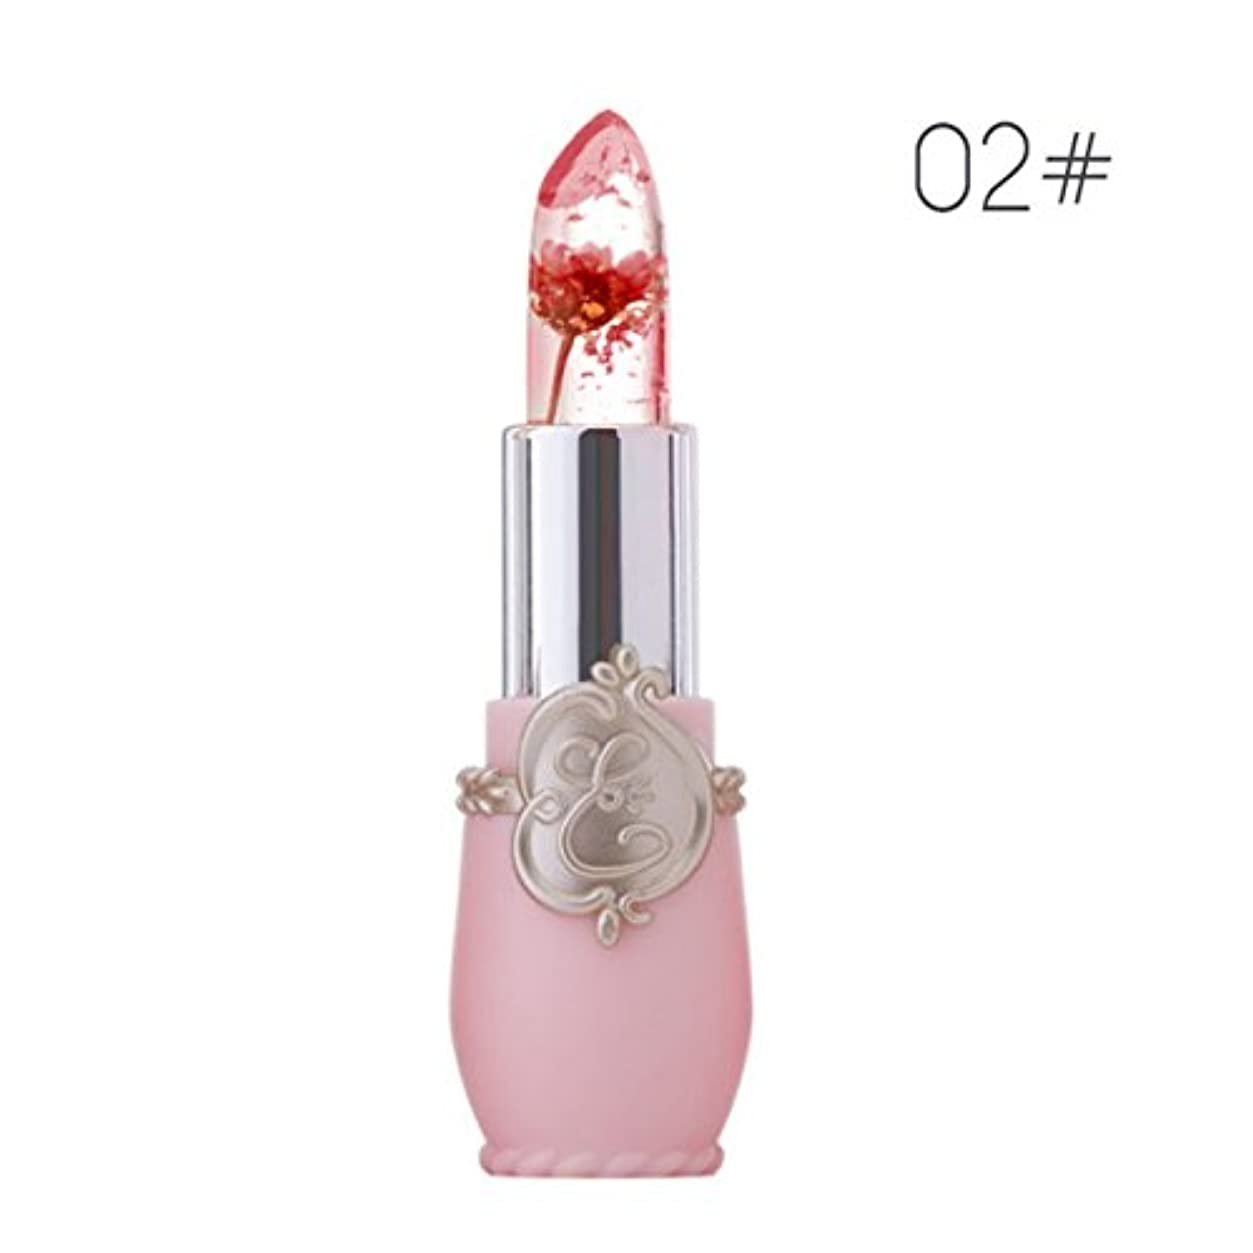 一人で脈拍相対的口紅 BOBOGOJP お花 リップグロス かわいい オシャレ 唇の温度で色が変化するリップ 金箔付け 天然オイル入り 保湿 長持ち リップスティック 透明 リップベース 子供 大人 プレゼント (B)